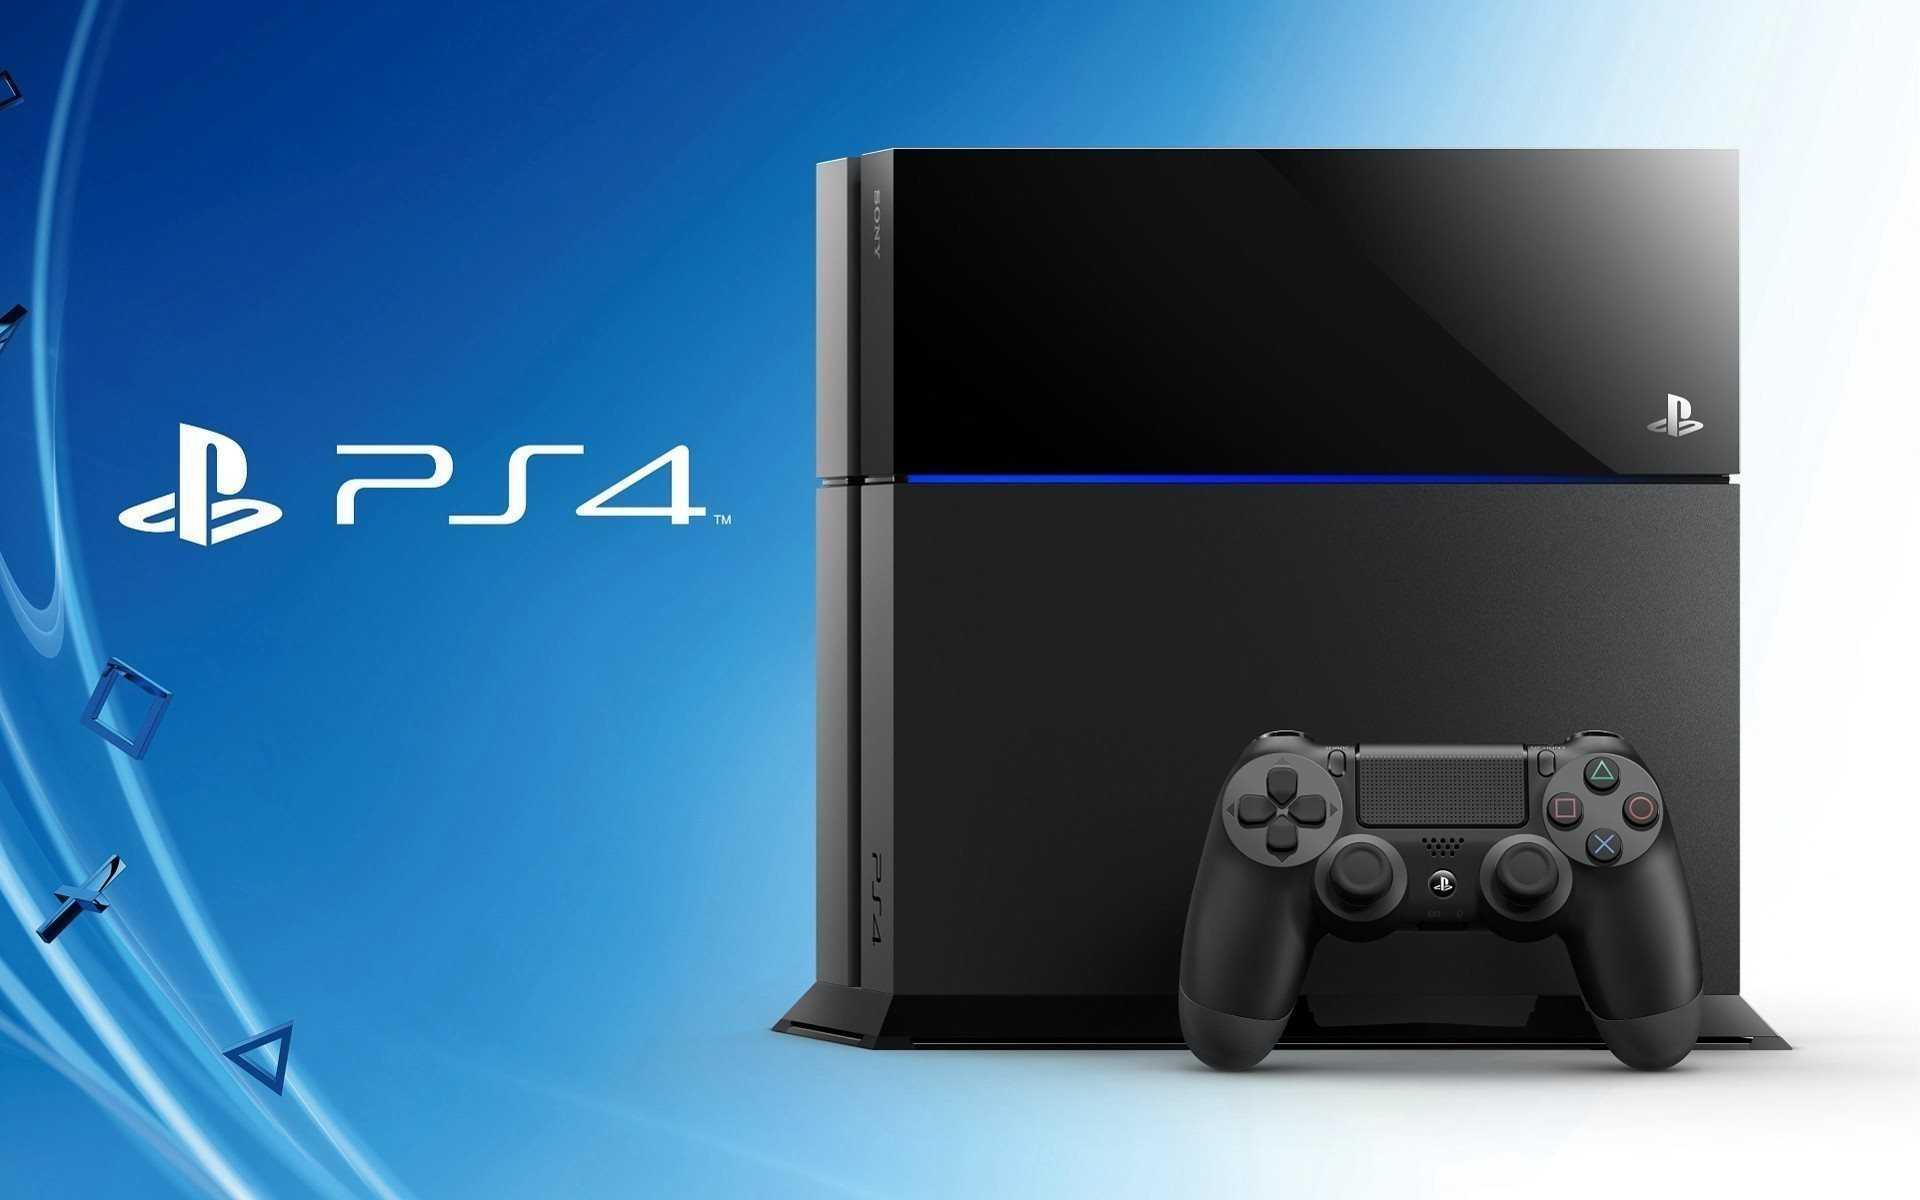 По сегодняшний день компания Sony не назвала конечную стоимость игровой консоли PlayStation 5 Если верить инсайдерам себестоимость приставки должна была составить 450